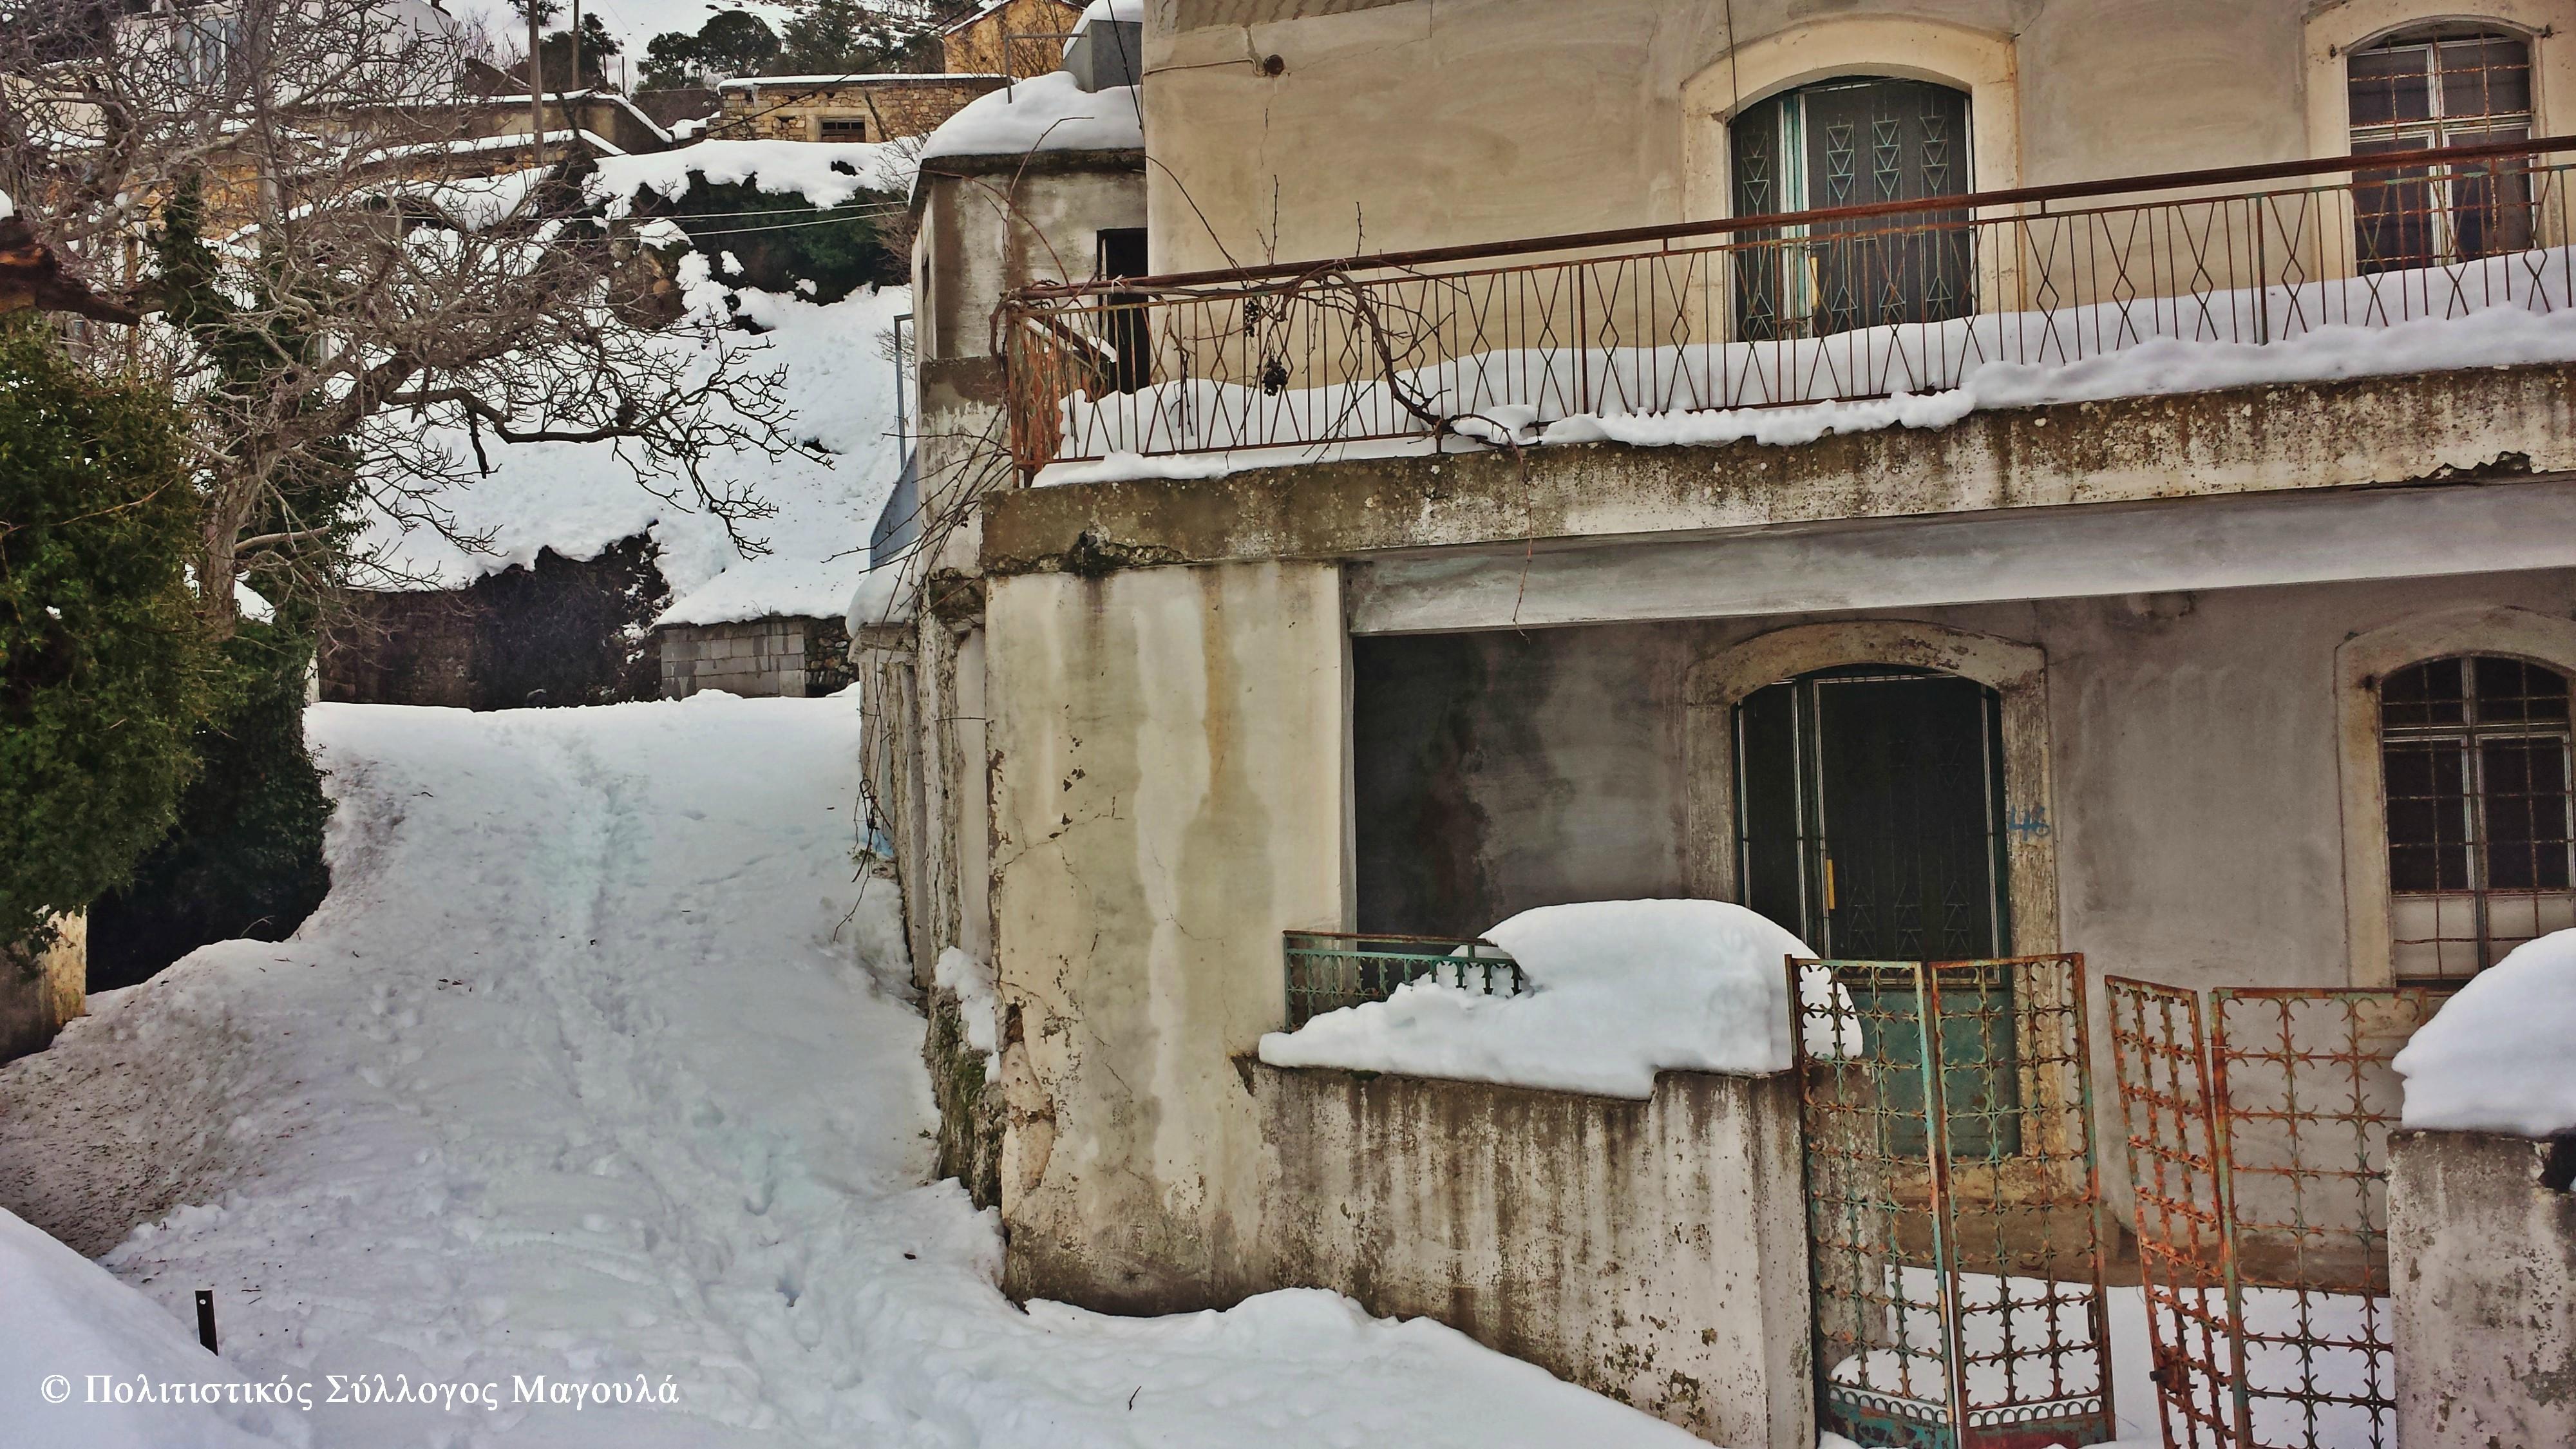 Χιόνι μέσα στα σοκάκια του χωριού